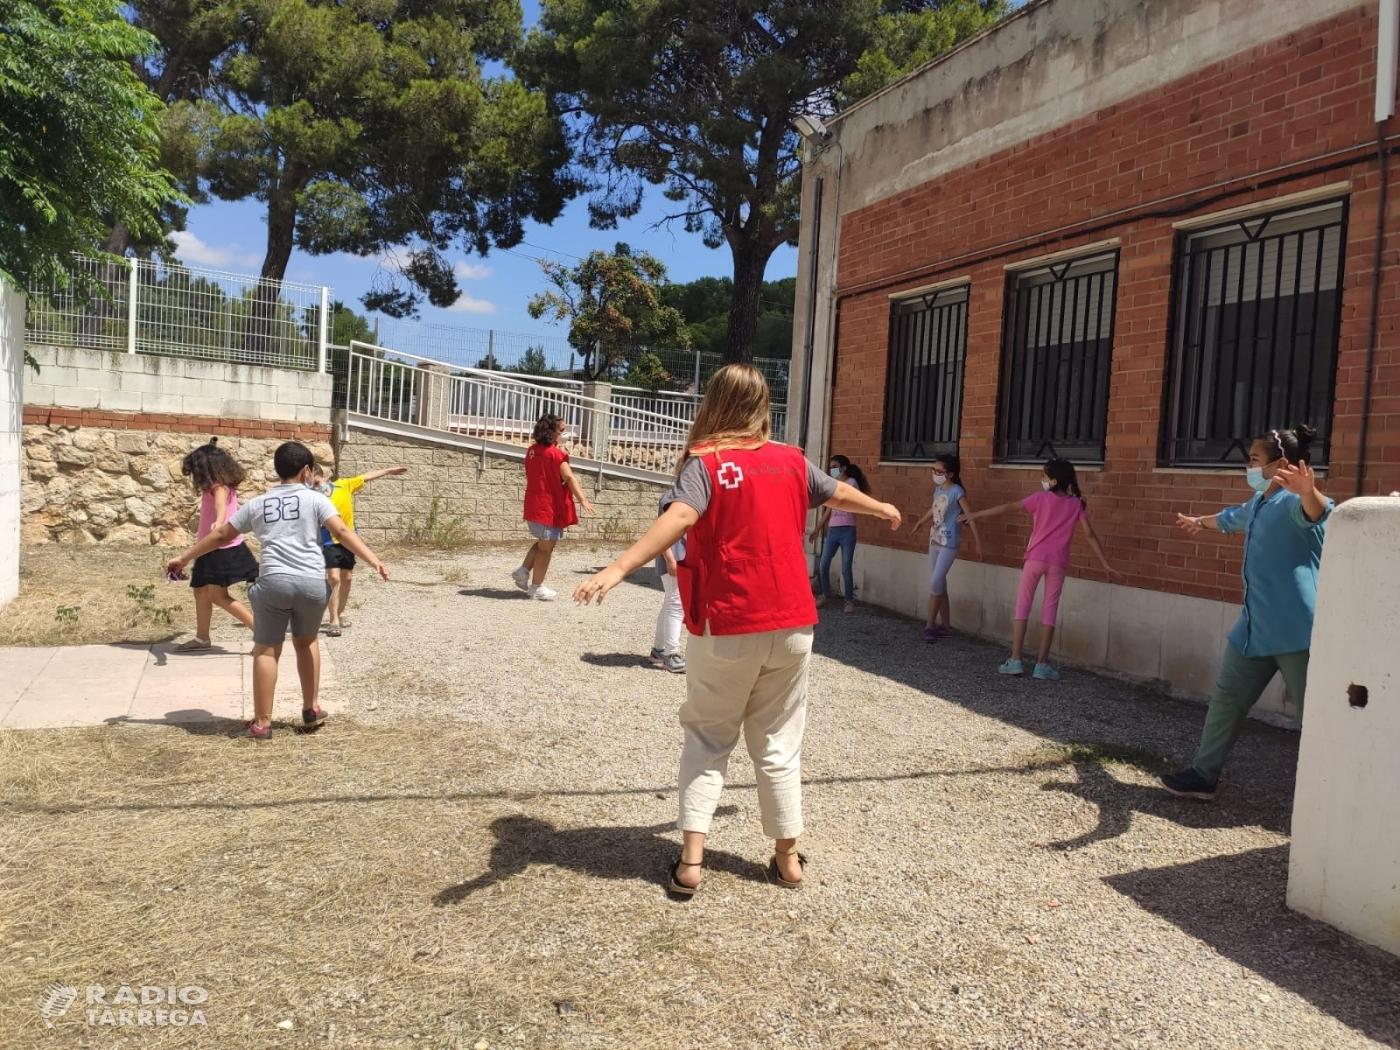 81 infants de famílies en situació de vulnerabilitat  gaudeixen del casal d'estiu de Creu Roja amb totes les mesures de seguretat